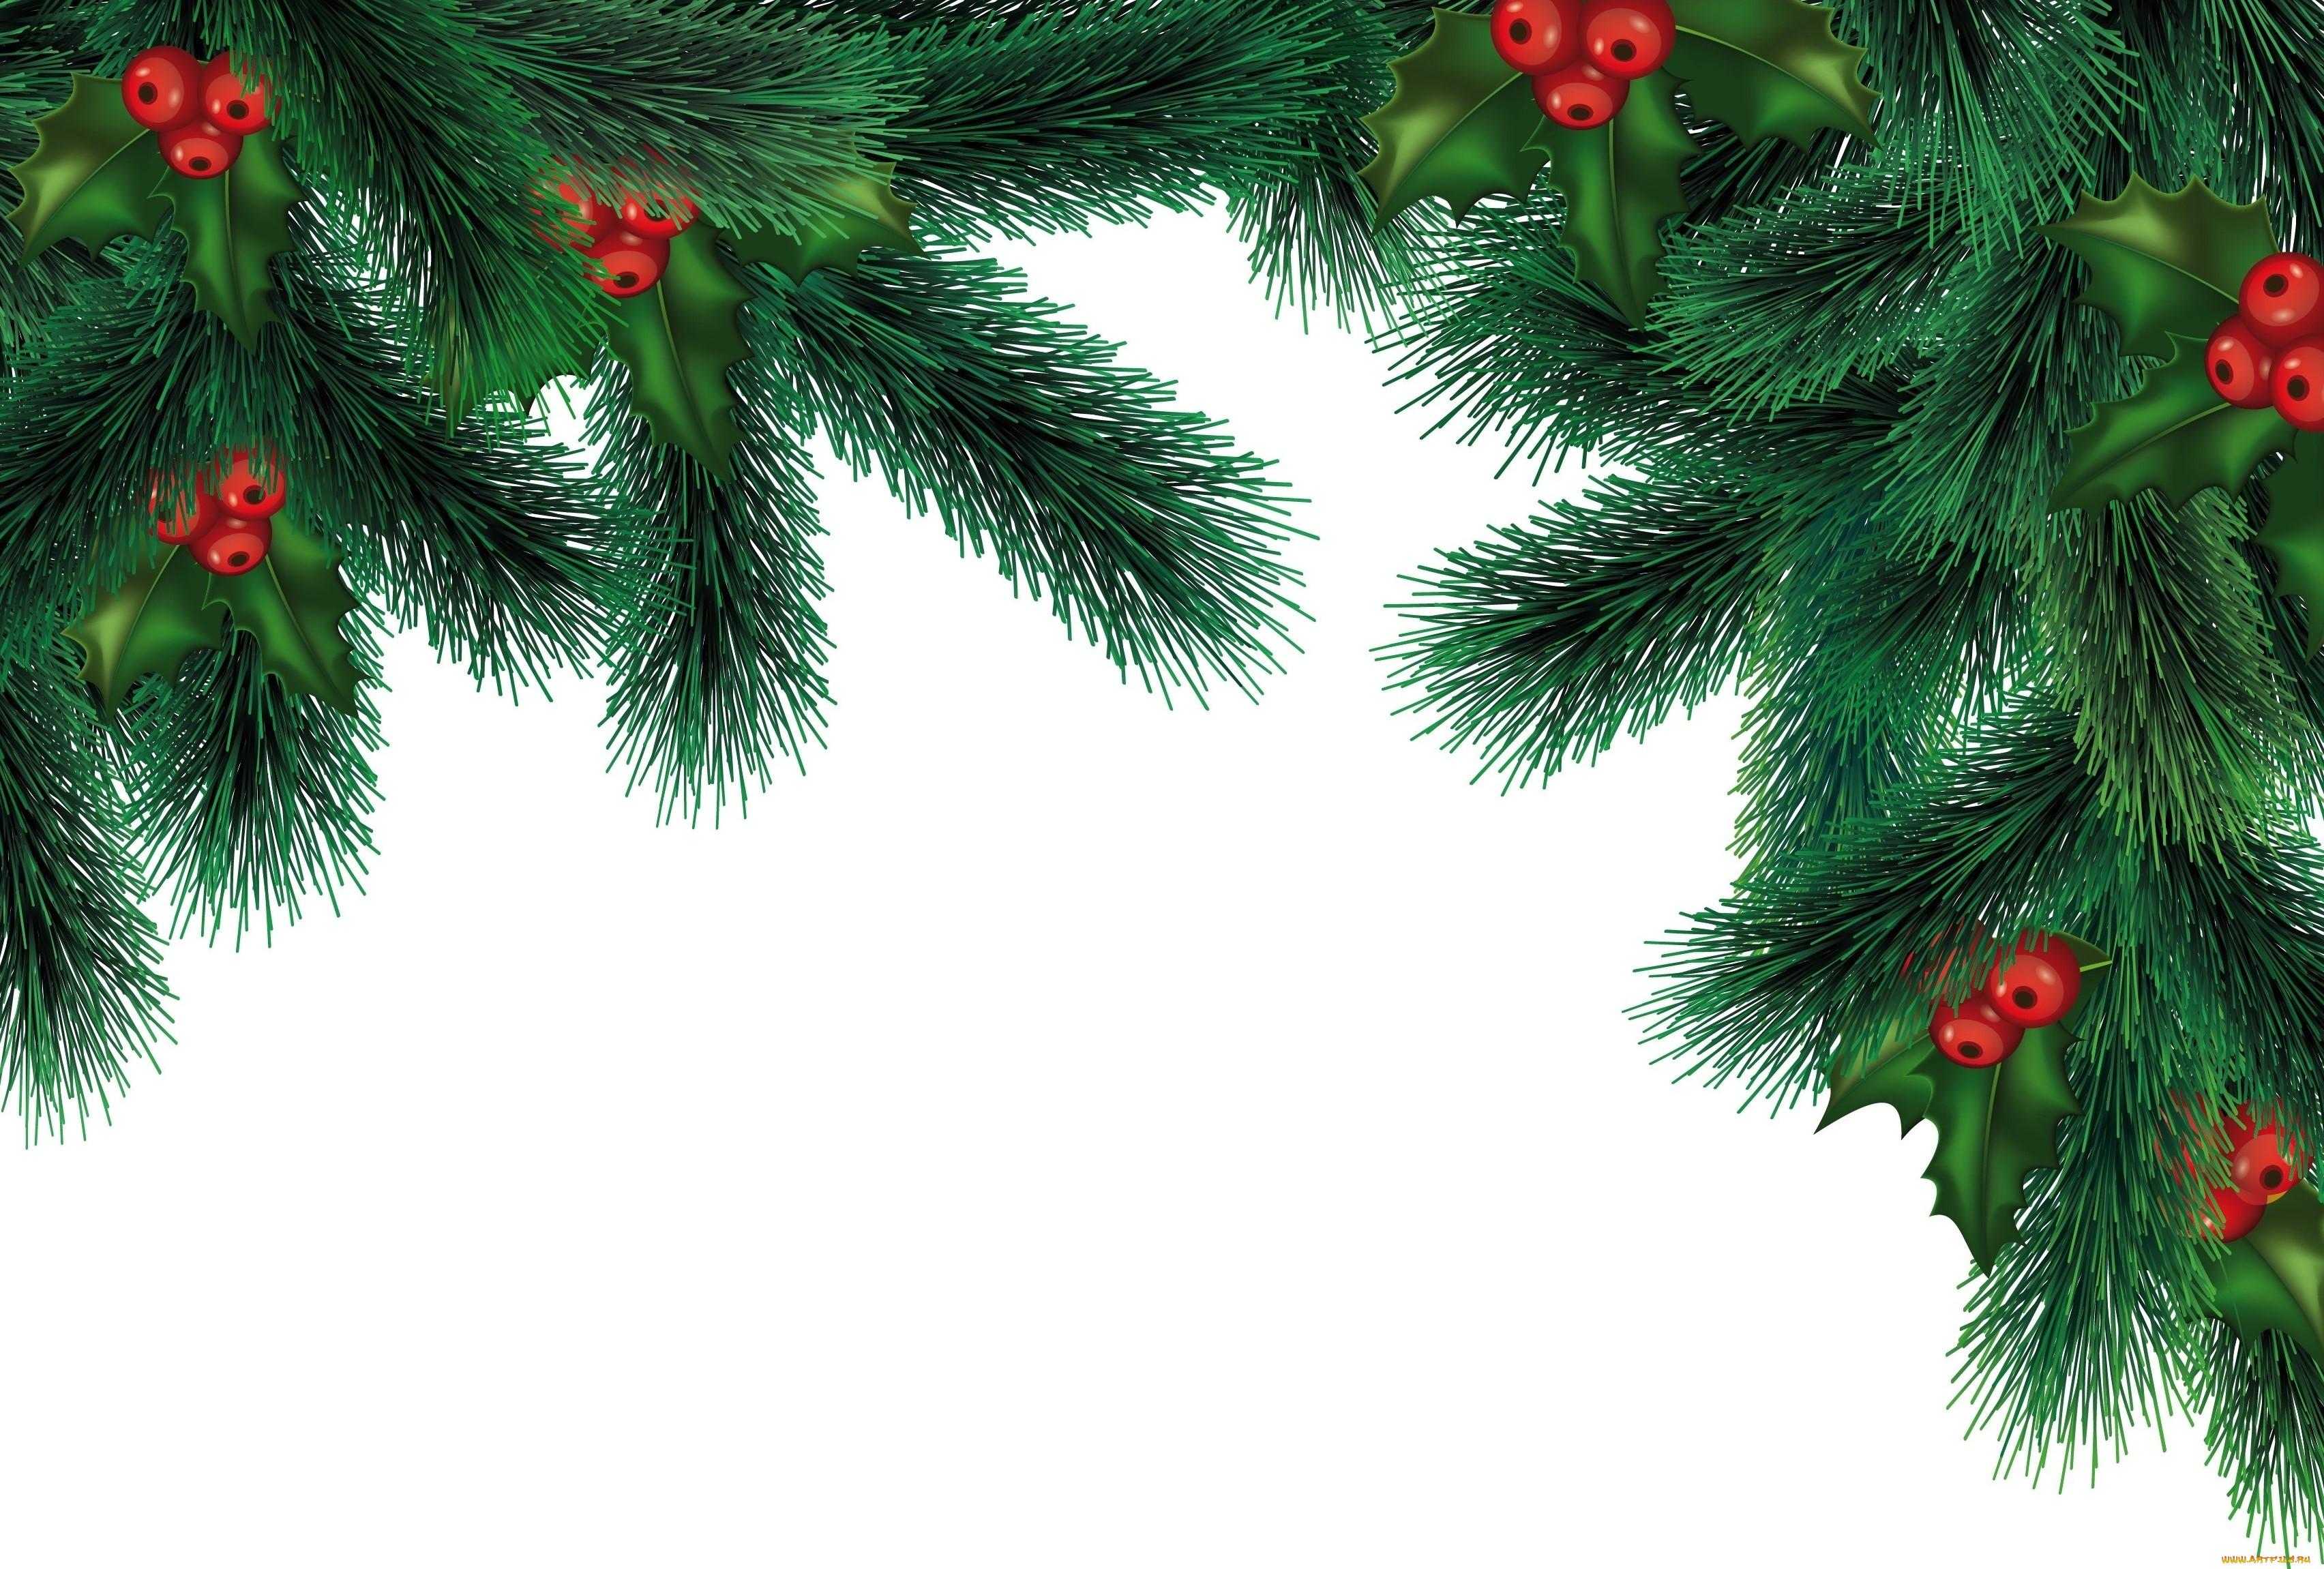 был картинки веточки ели новогодние без фона владхлеб